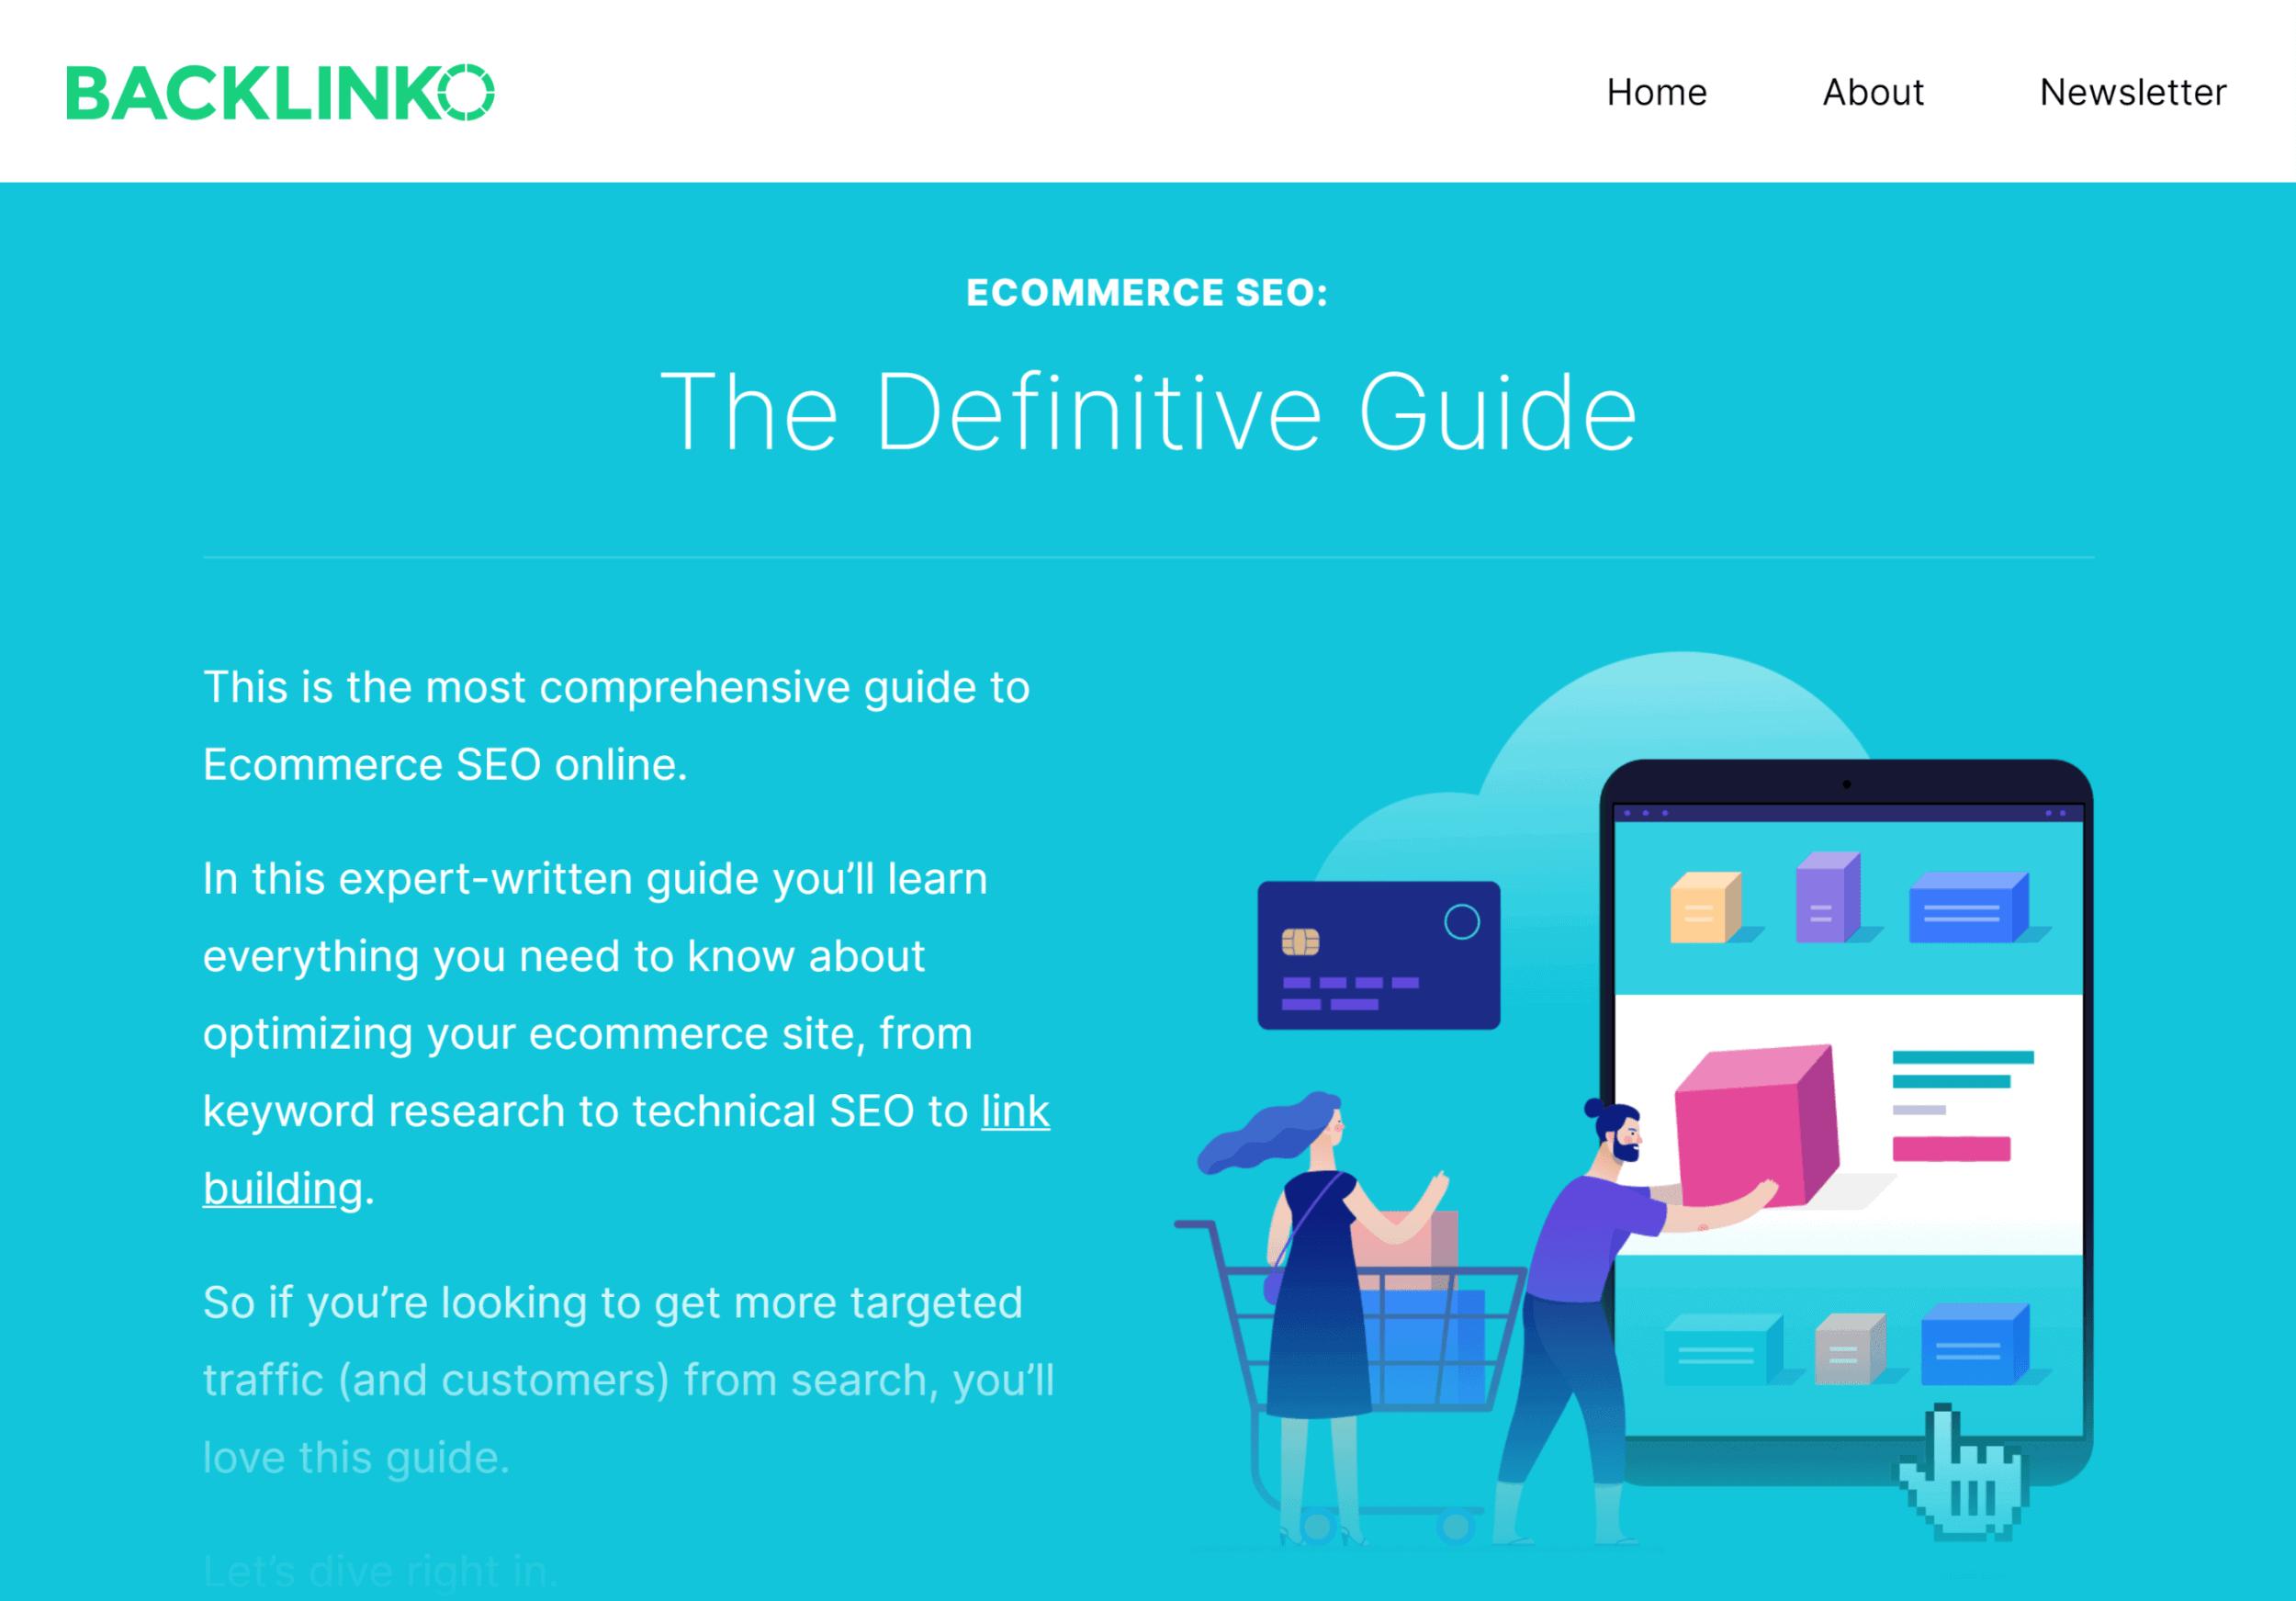 Backlinko – Ecommerce SEO guide